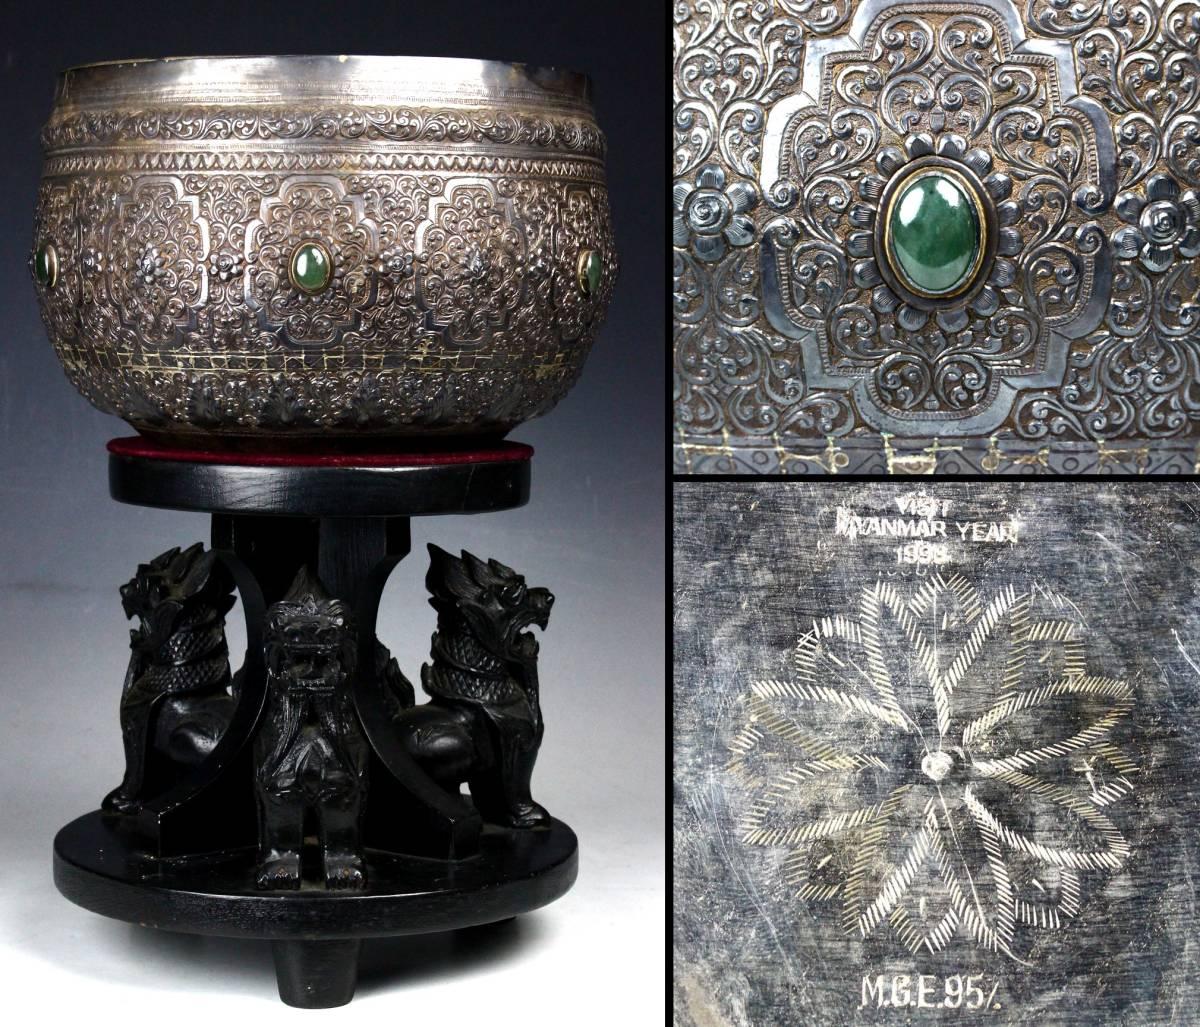 【櫻】仏教美術 チベット 銀製 打出花唐草文特大おりん 1684g 42cm 獅子図台 仏具 .sn